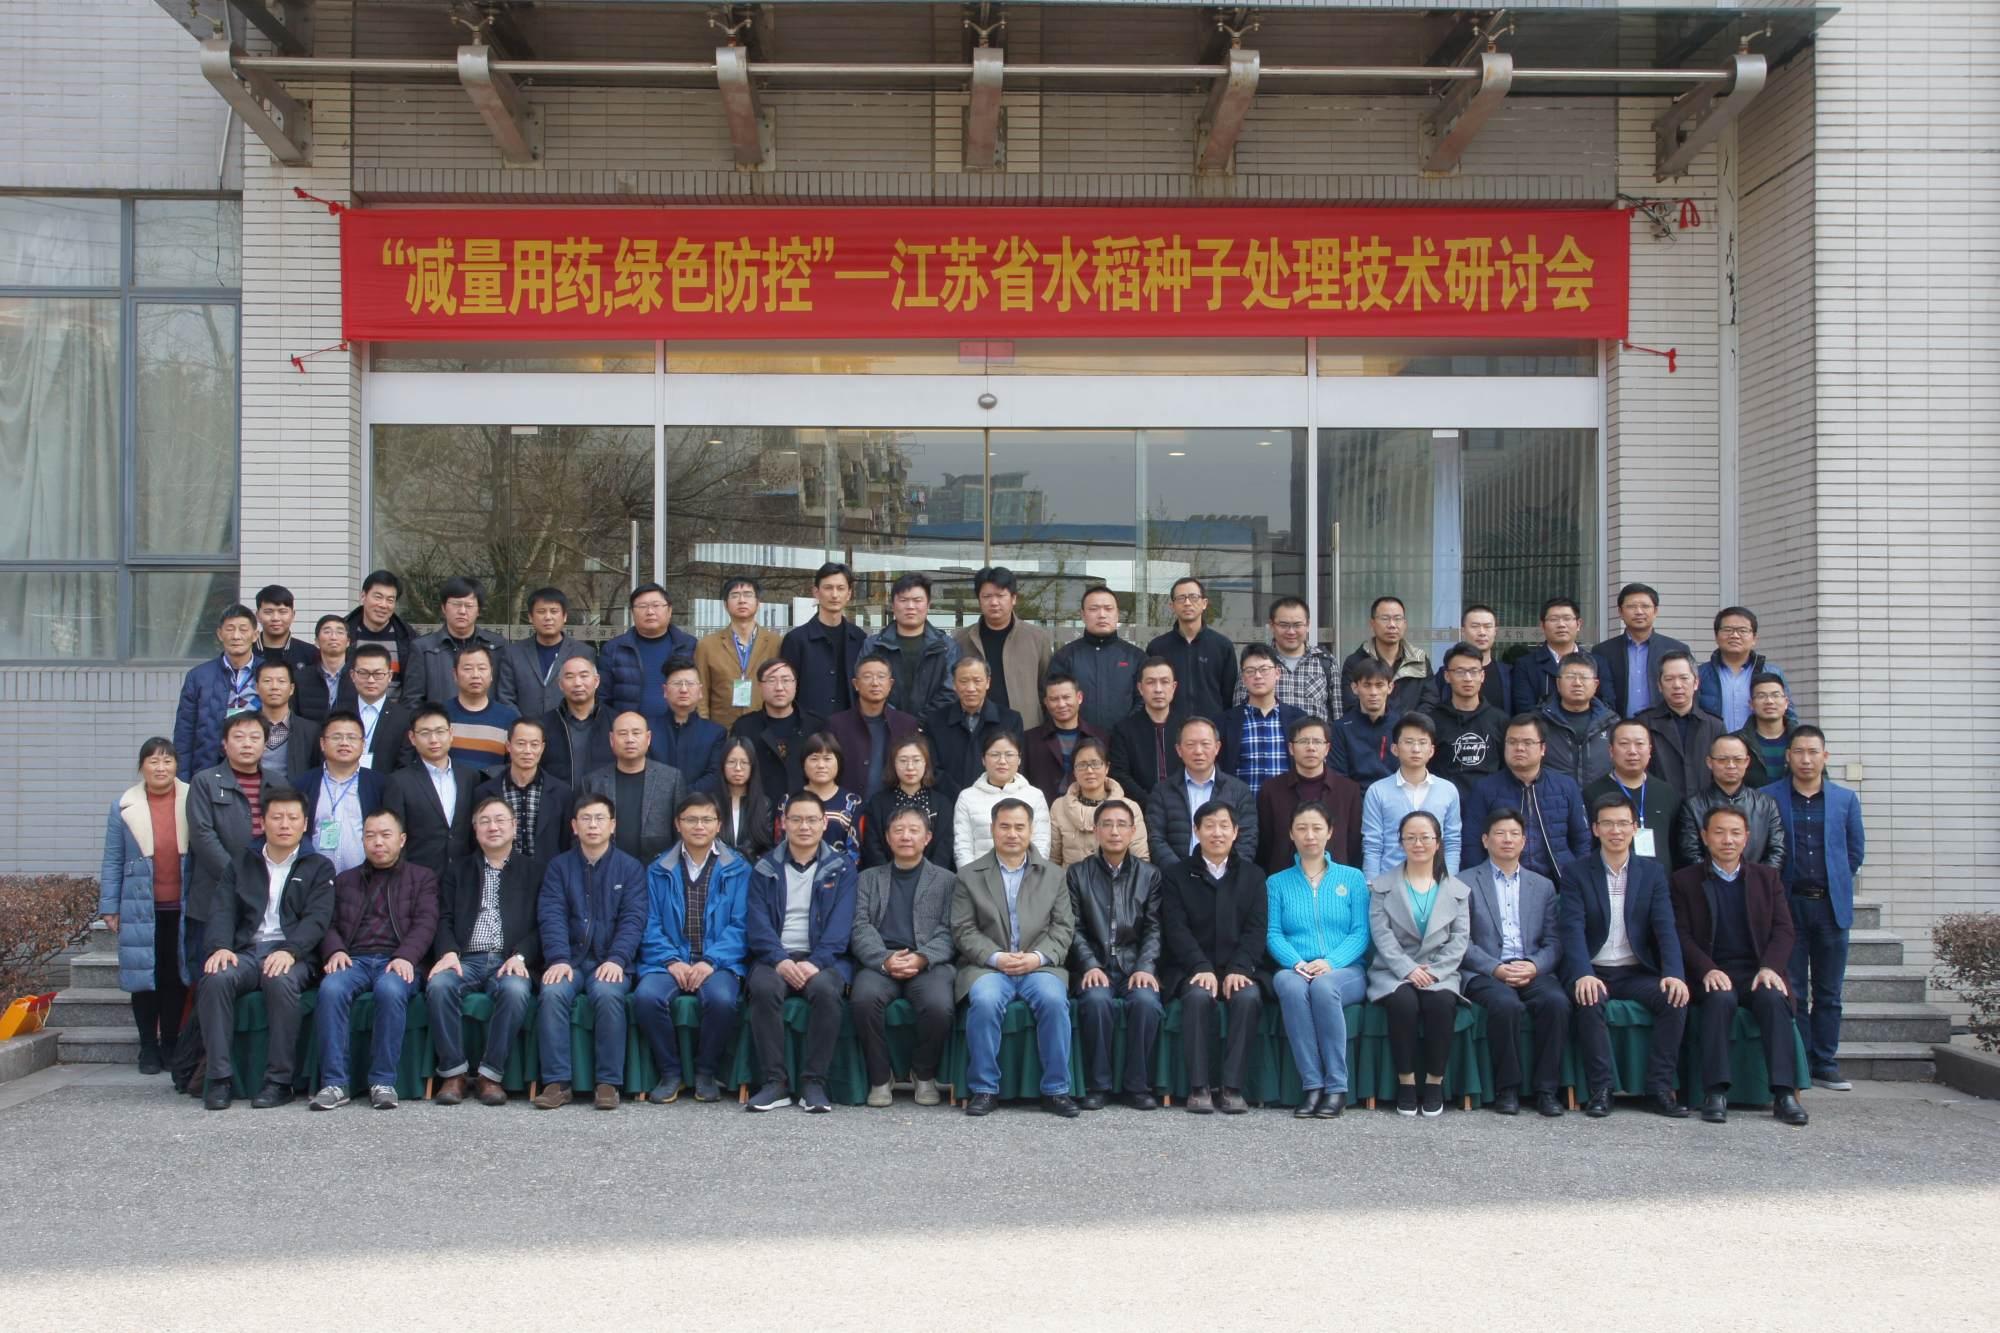 """与禾姆®来一场春天的""""约会""""——江苏省水稻种子处理技术研讨会成功召开"""